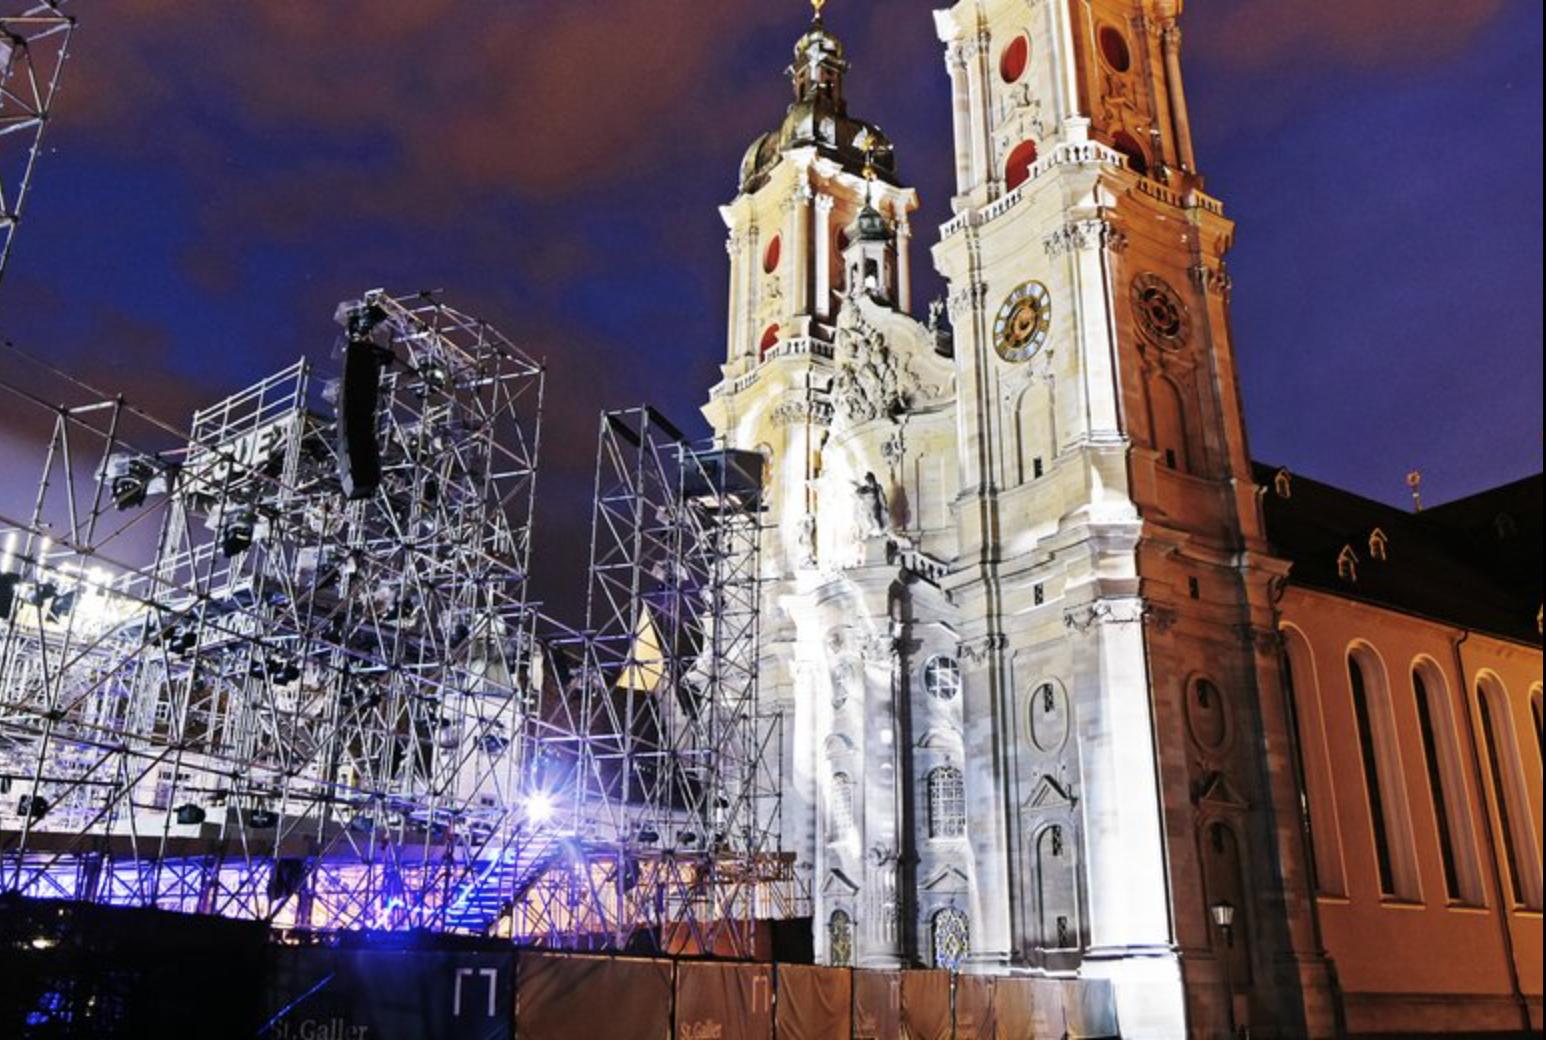 St. Galler Festspiele